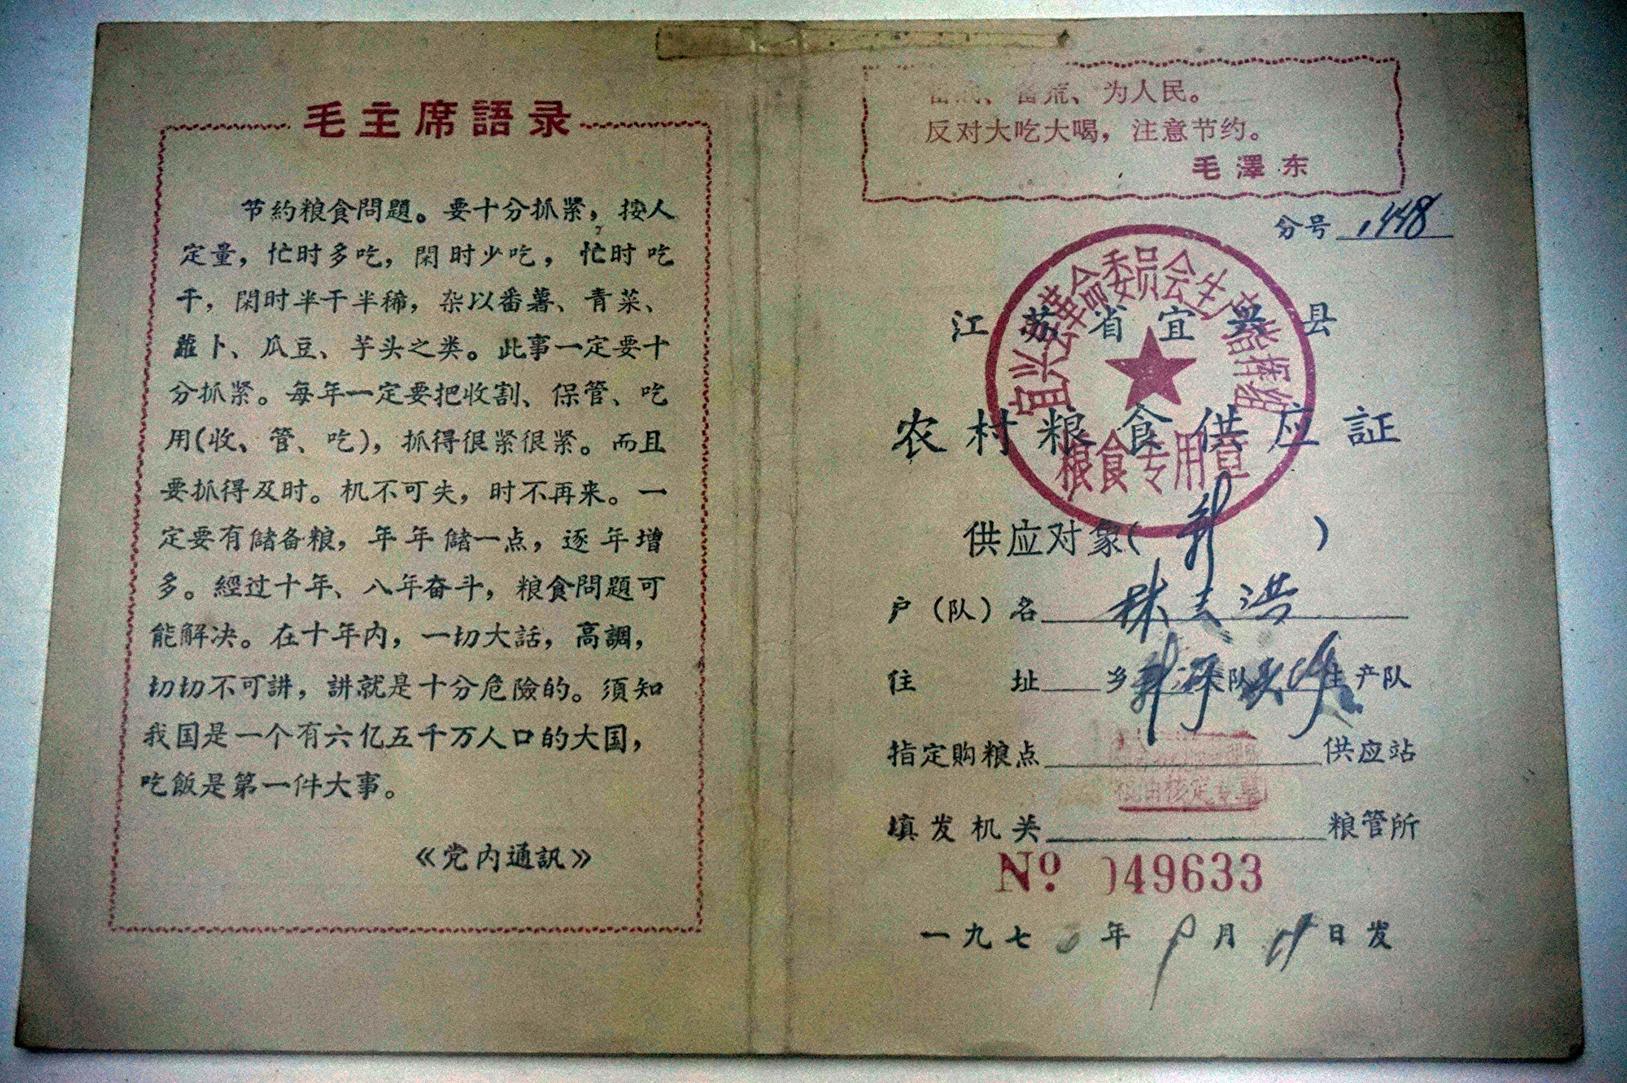 農村糧食供應證。中國財稅博物館藏。(公共領域)